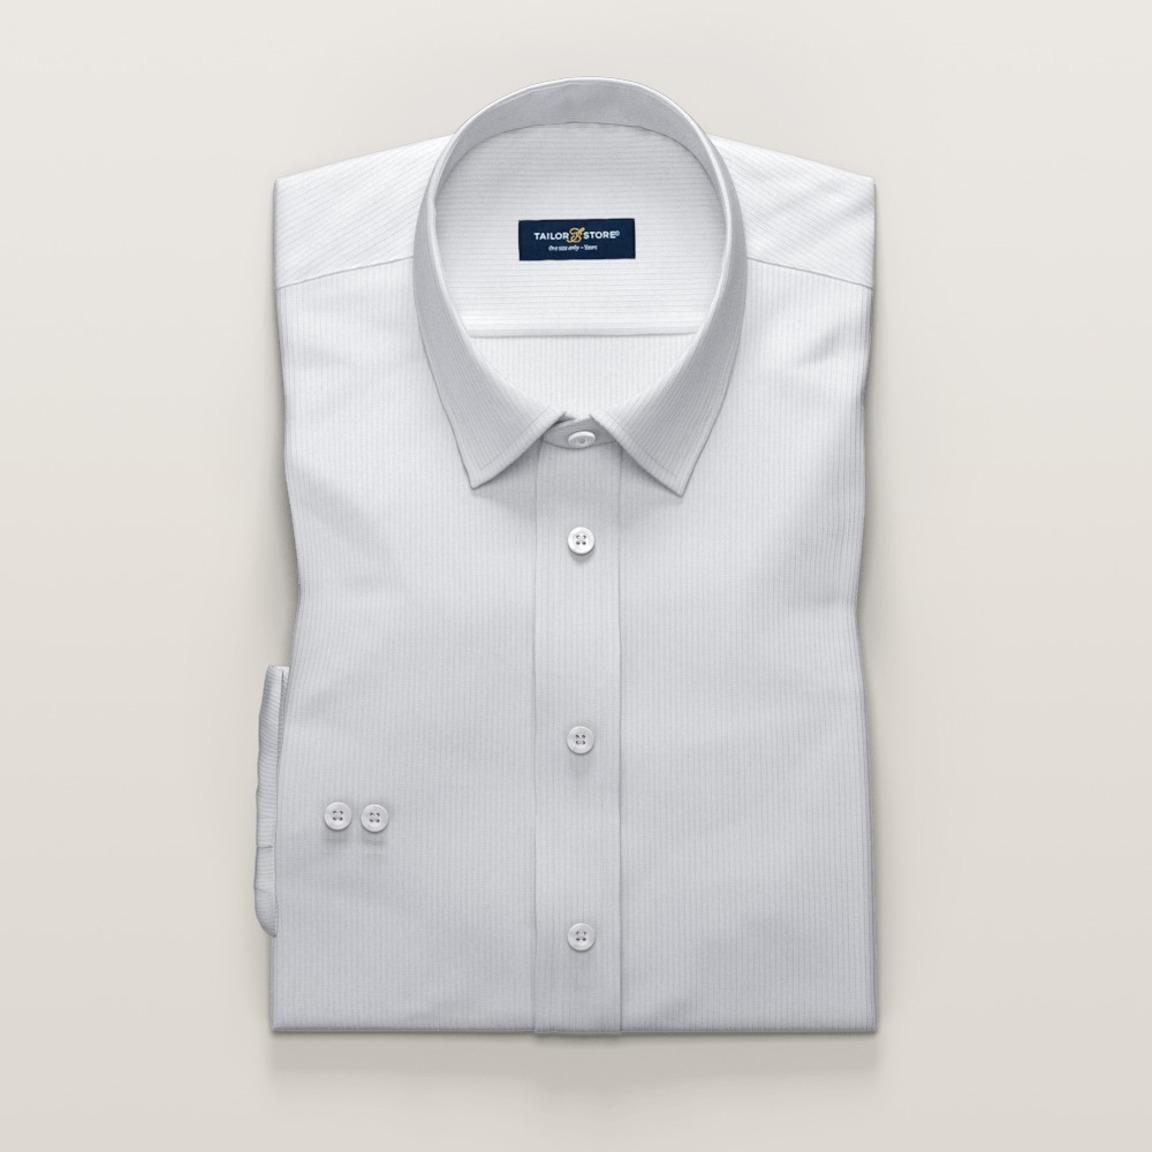 Hvid business-skjorte til kvinder i luksuriøs dobby-vævning